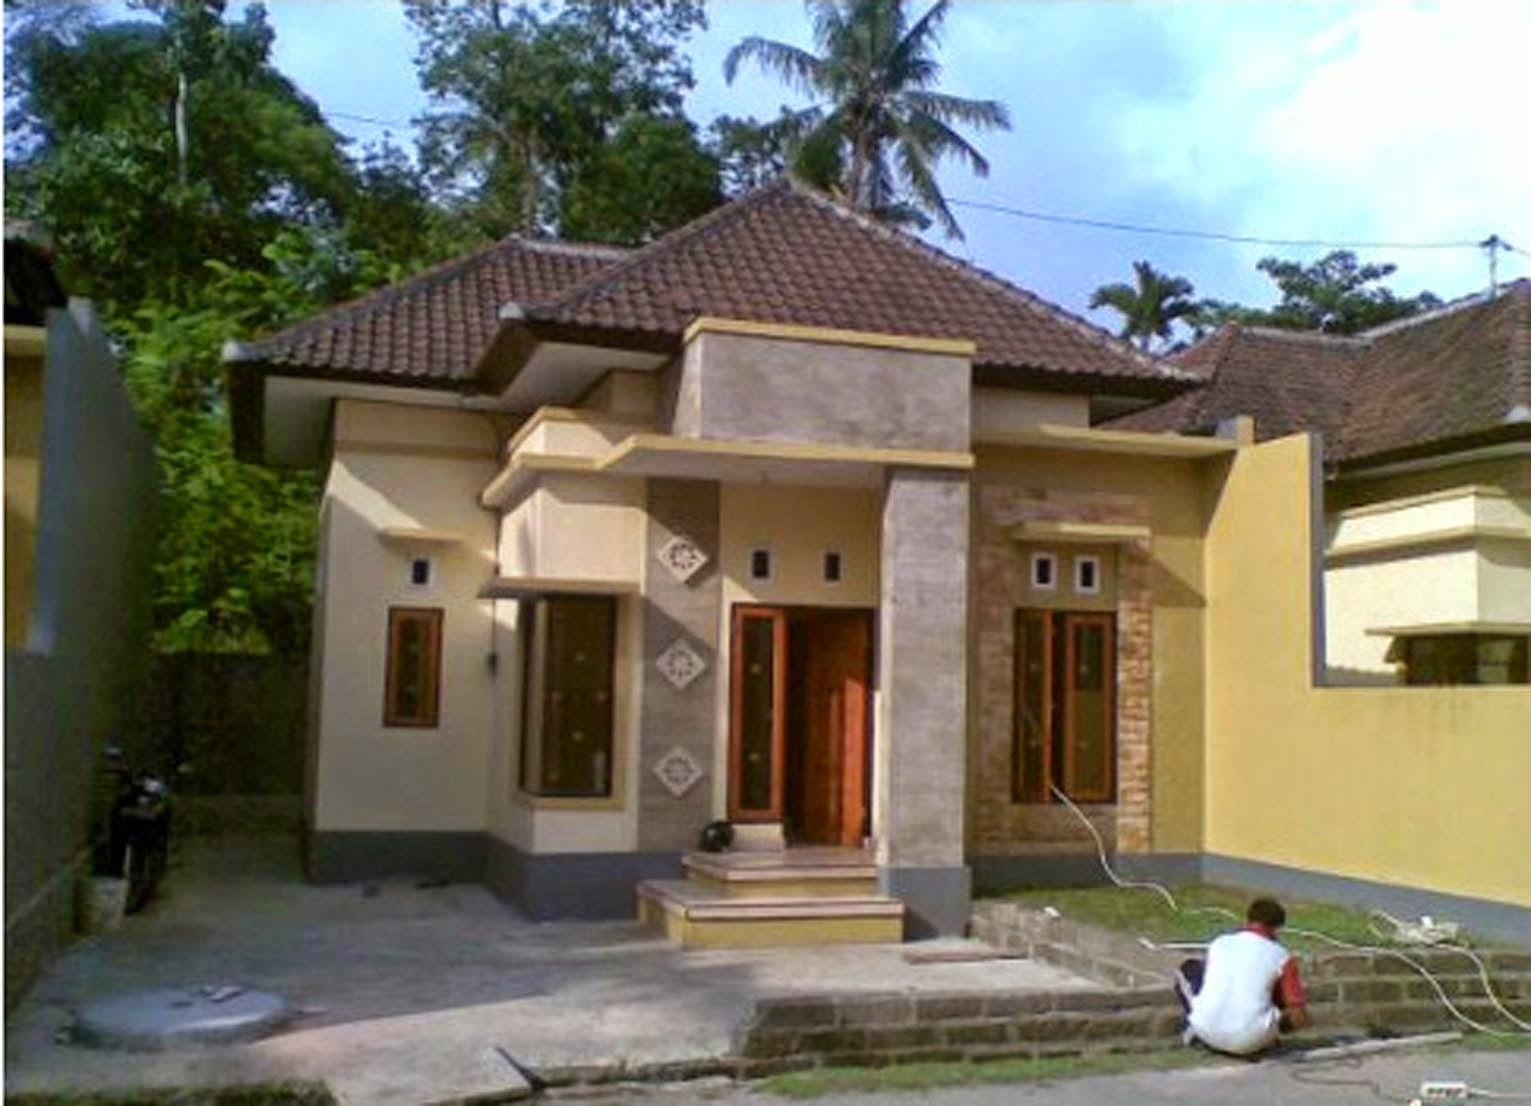 desain rumah sederhana di desa images